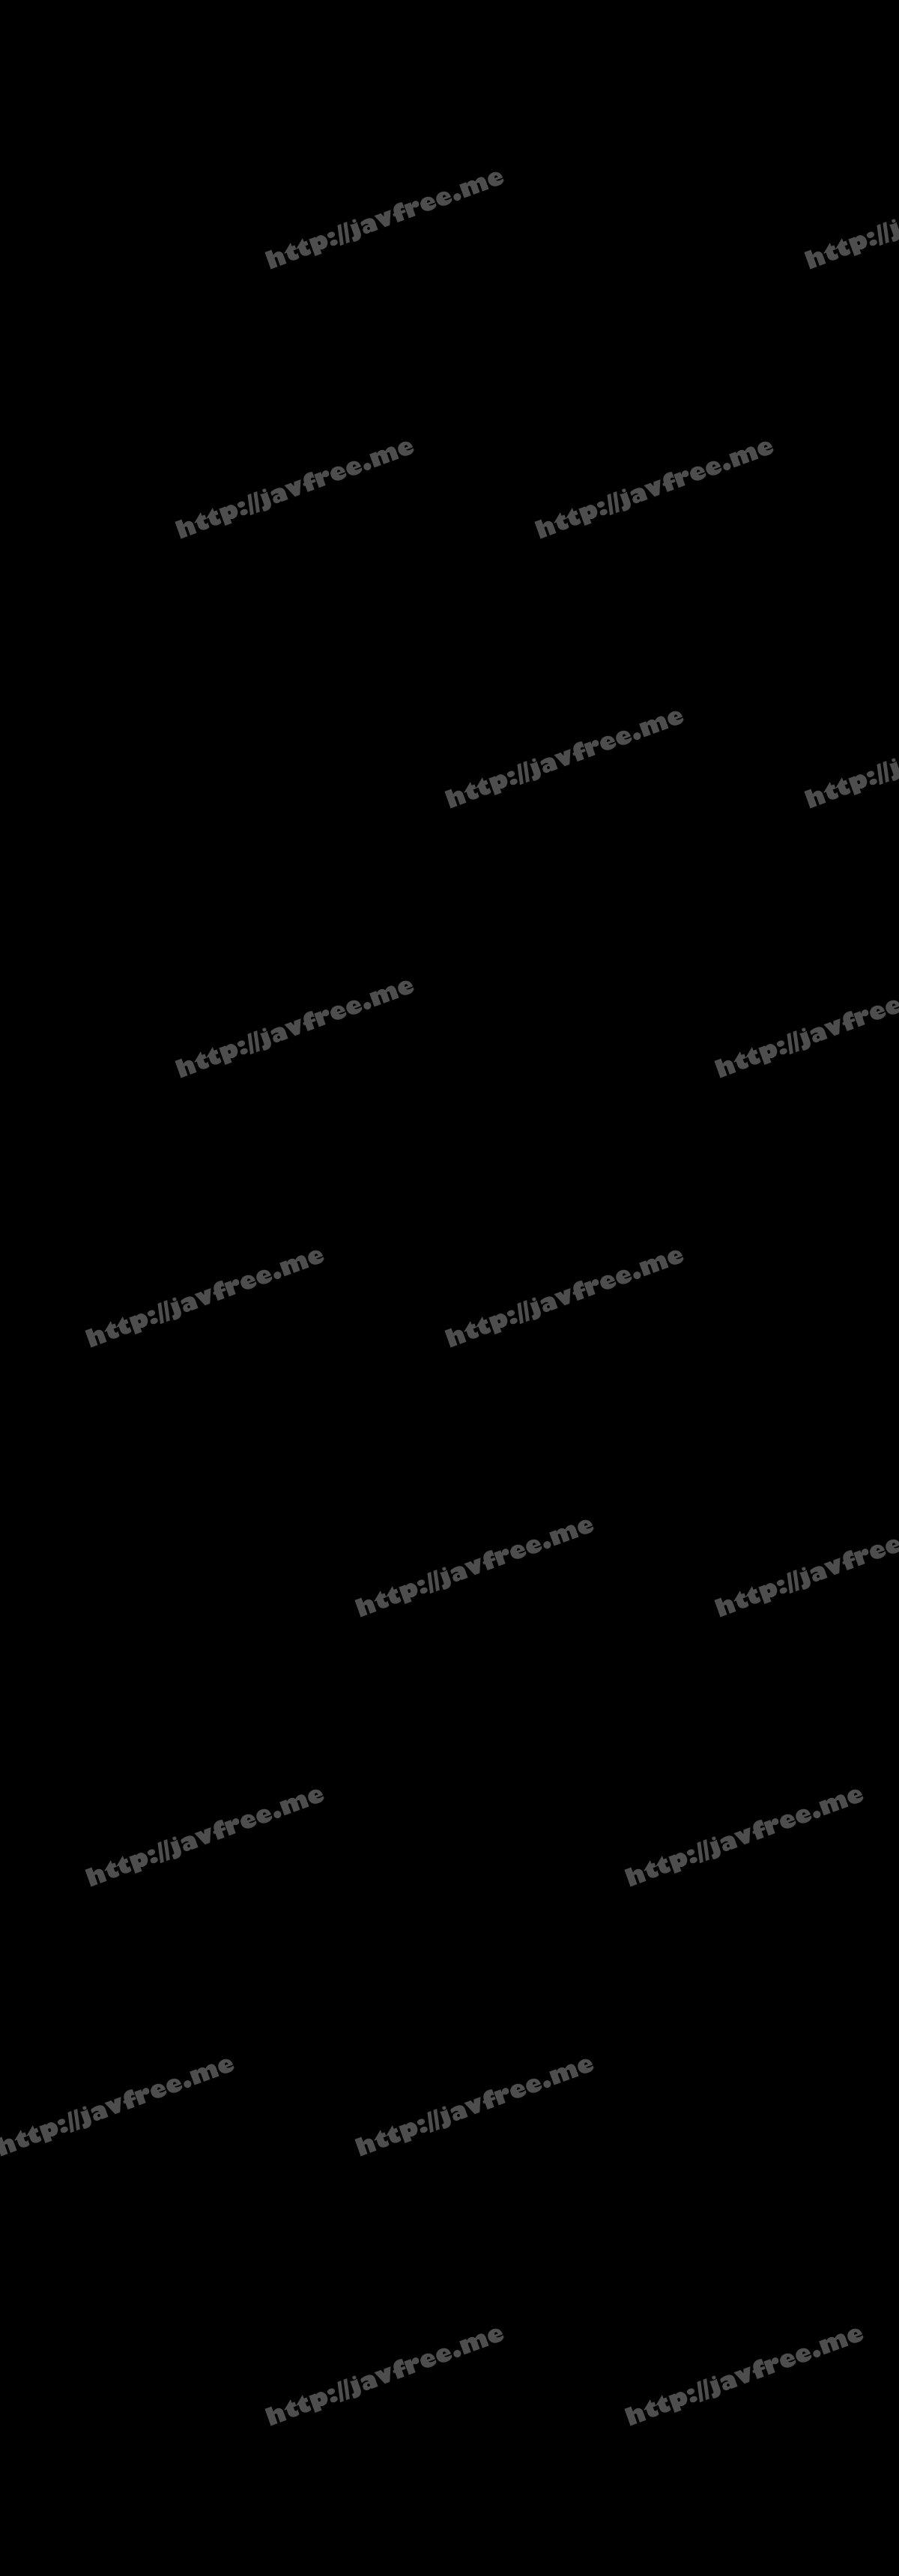 金8天国 3101 贅沢で官能的な大人の時間 LUXURIOUS 男性の欲望を叶えてくれる女達・・Anita & Dulce / ダルセ - image heyzo_hd_2019_full on https://javfree.me